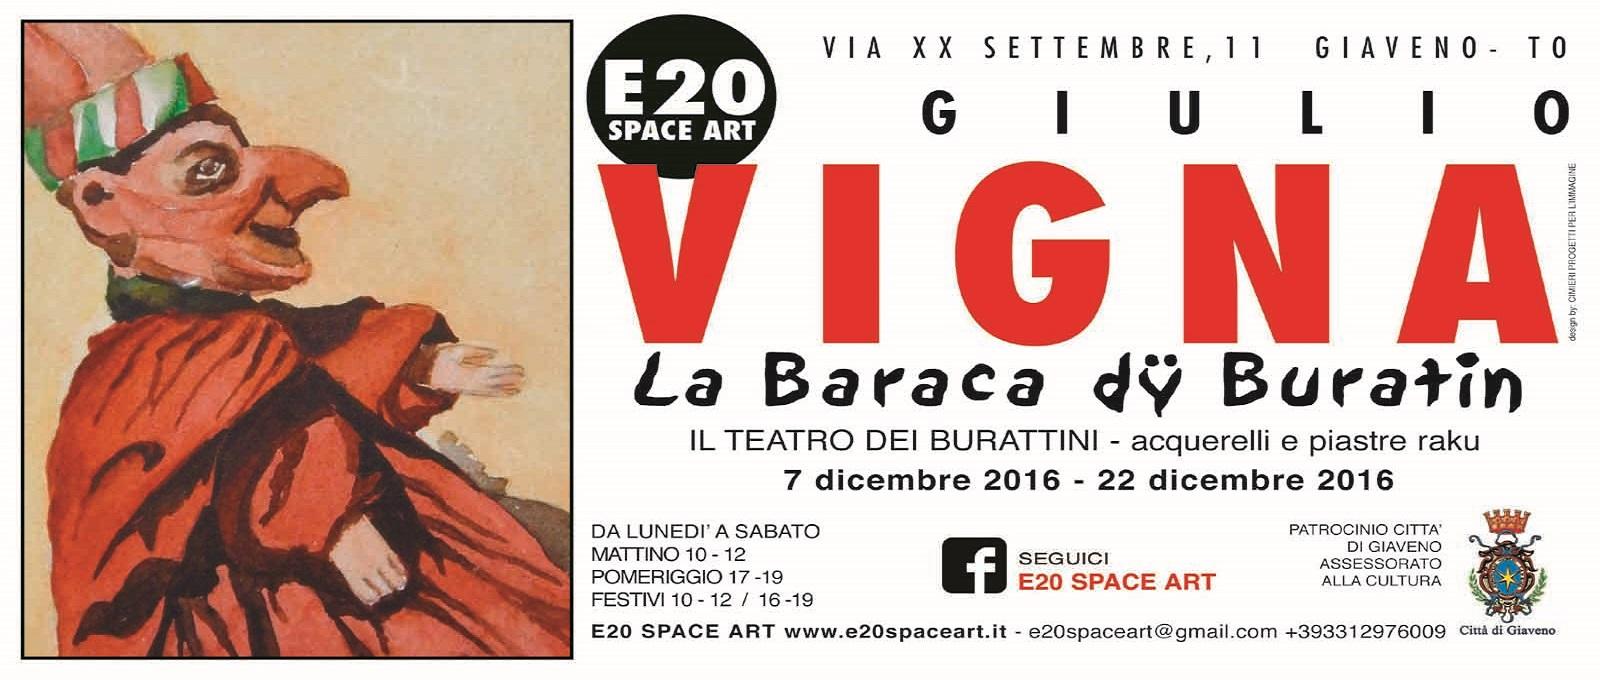 La Baraca dy Buratin – mostra di acquerelli e raku di Giulio Vigna